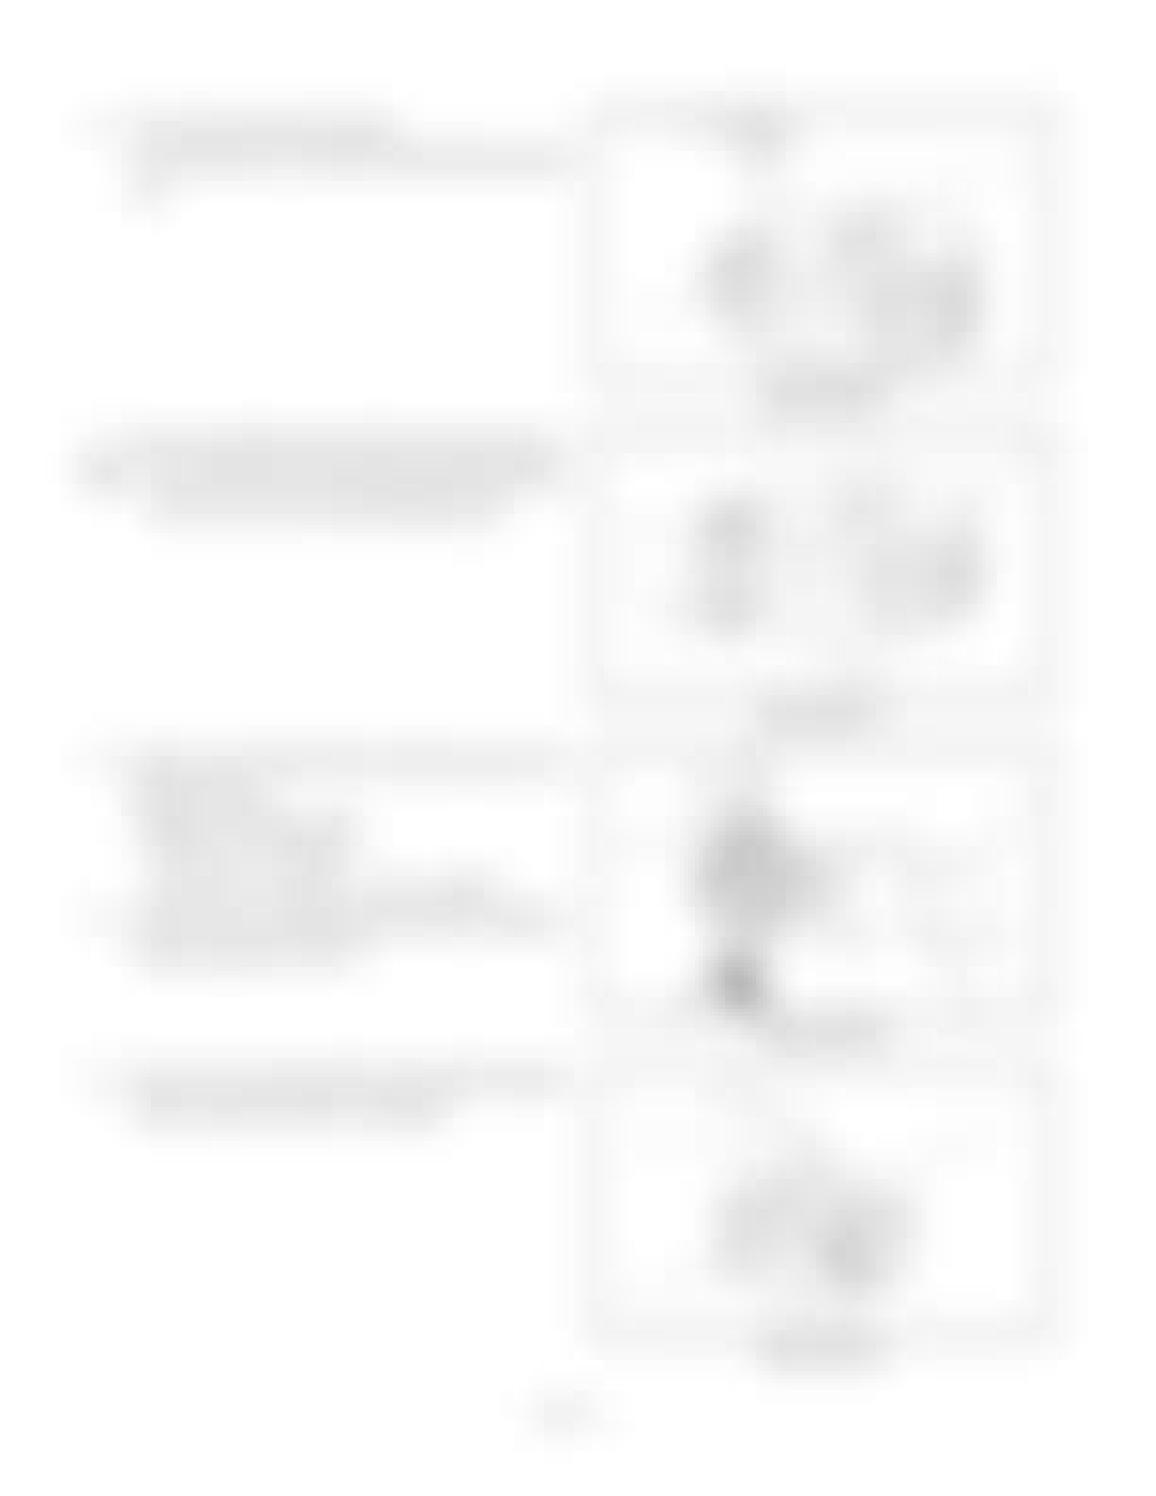 Hitachi LX110-7 LX130-7 LX160-7 LX190-7 LX230-7 Wheel Loader Workshop Manual - PDF DOWNLOAD page 224